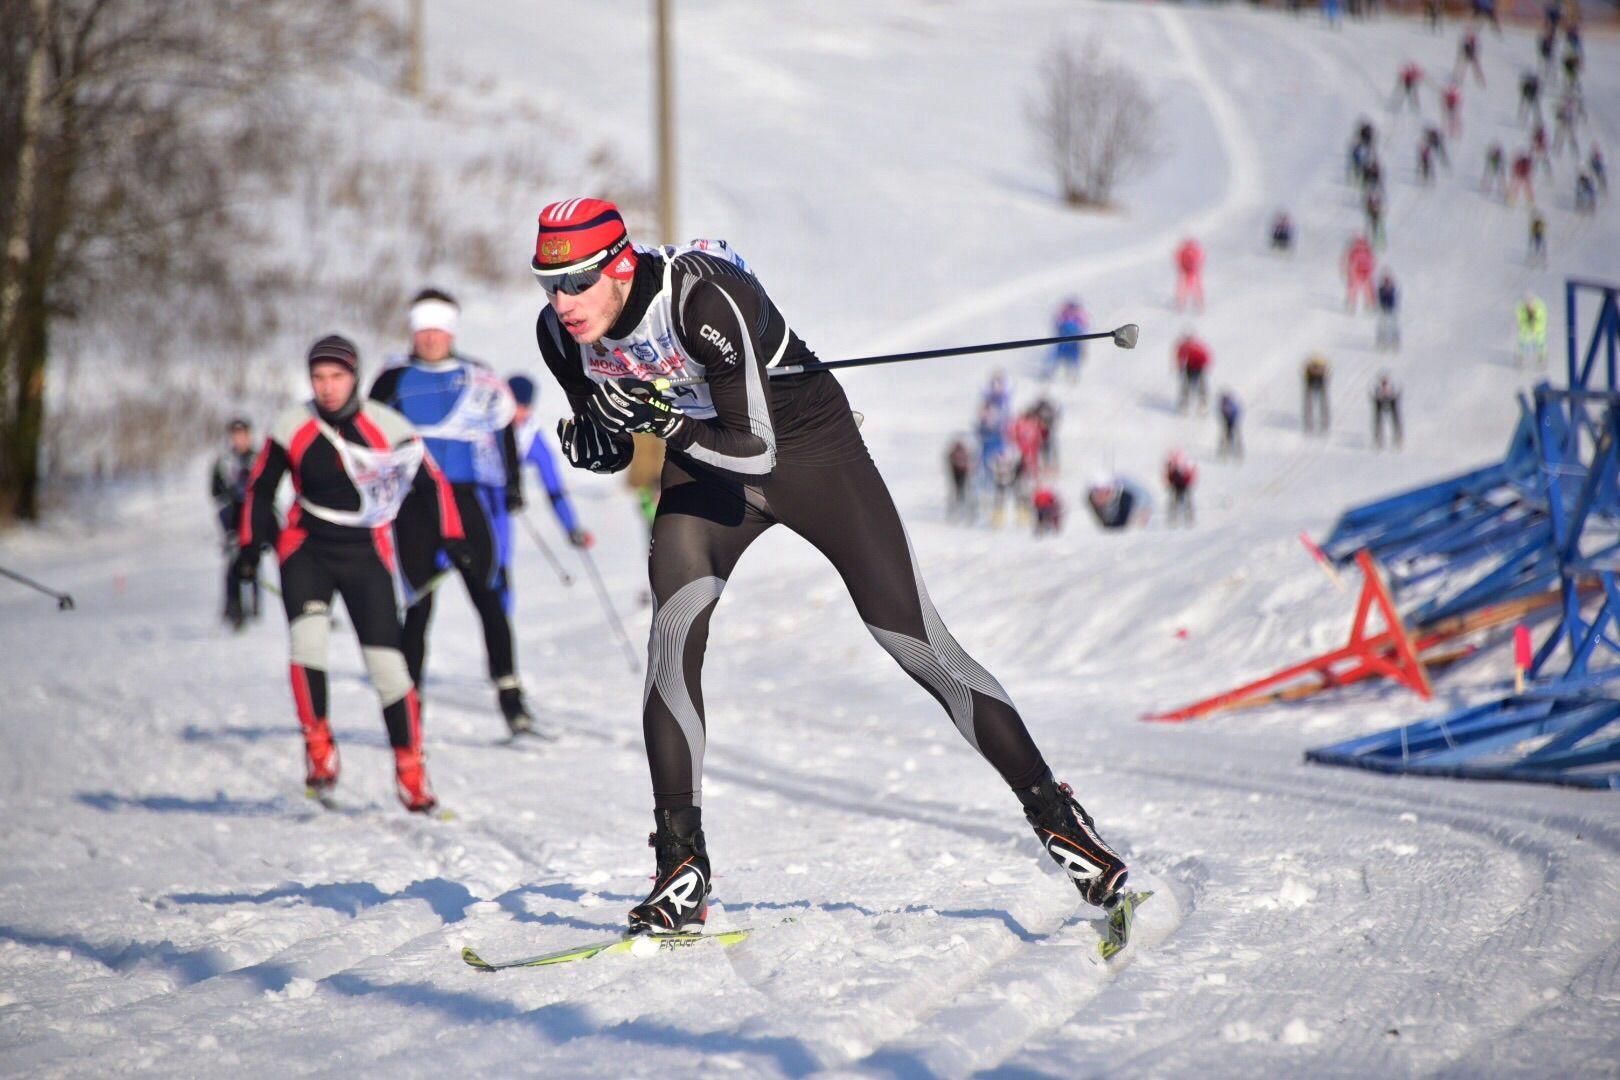 Лыжные гонки собрали более 150 спортсменов в Троицке